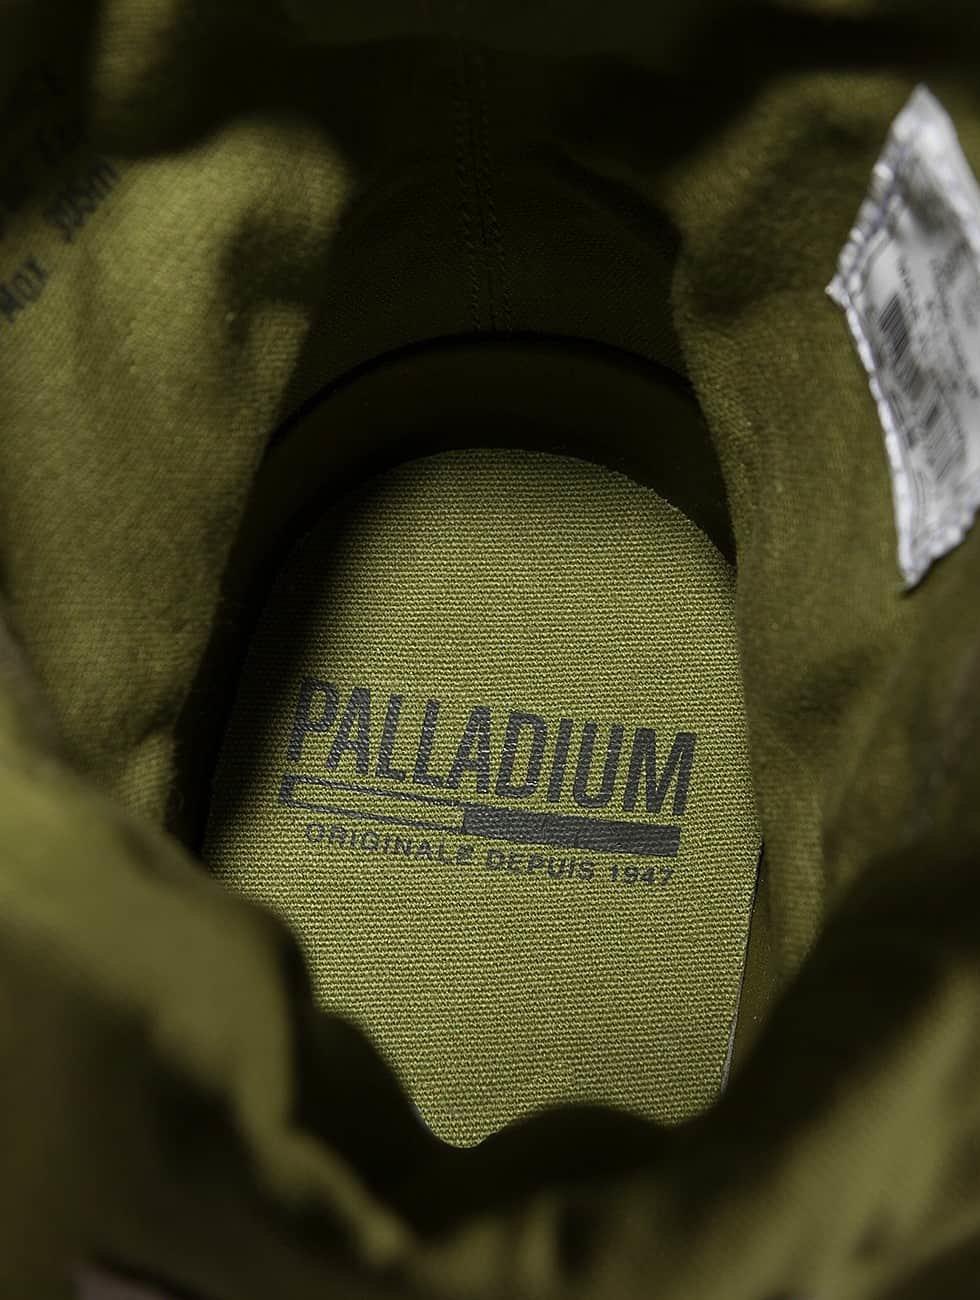 Kjøpe Billig Betale Med Paypal 100% Original Billig Pris Palladium Sko / Baggy Hæren Støvler Treningsløp Leir I Oliven 411641 Gå Online gXeKh